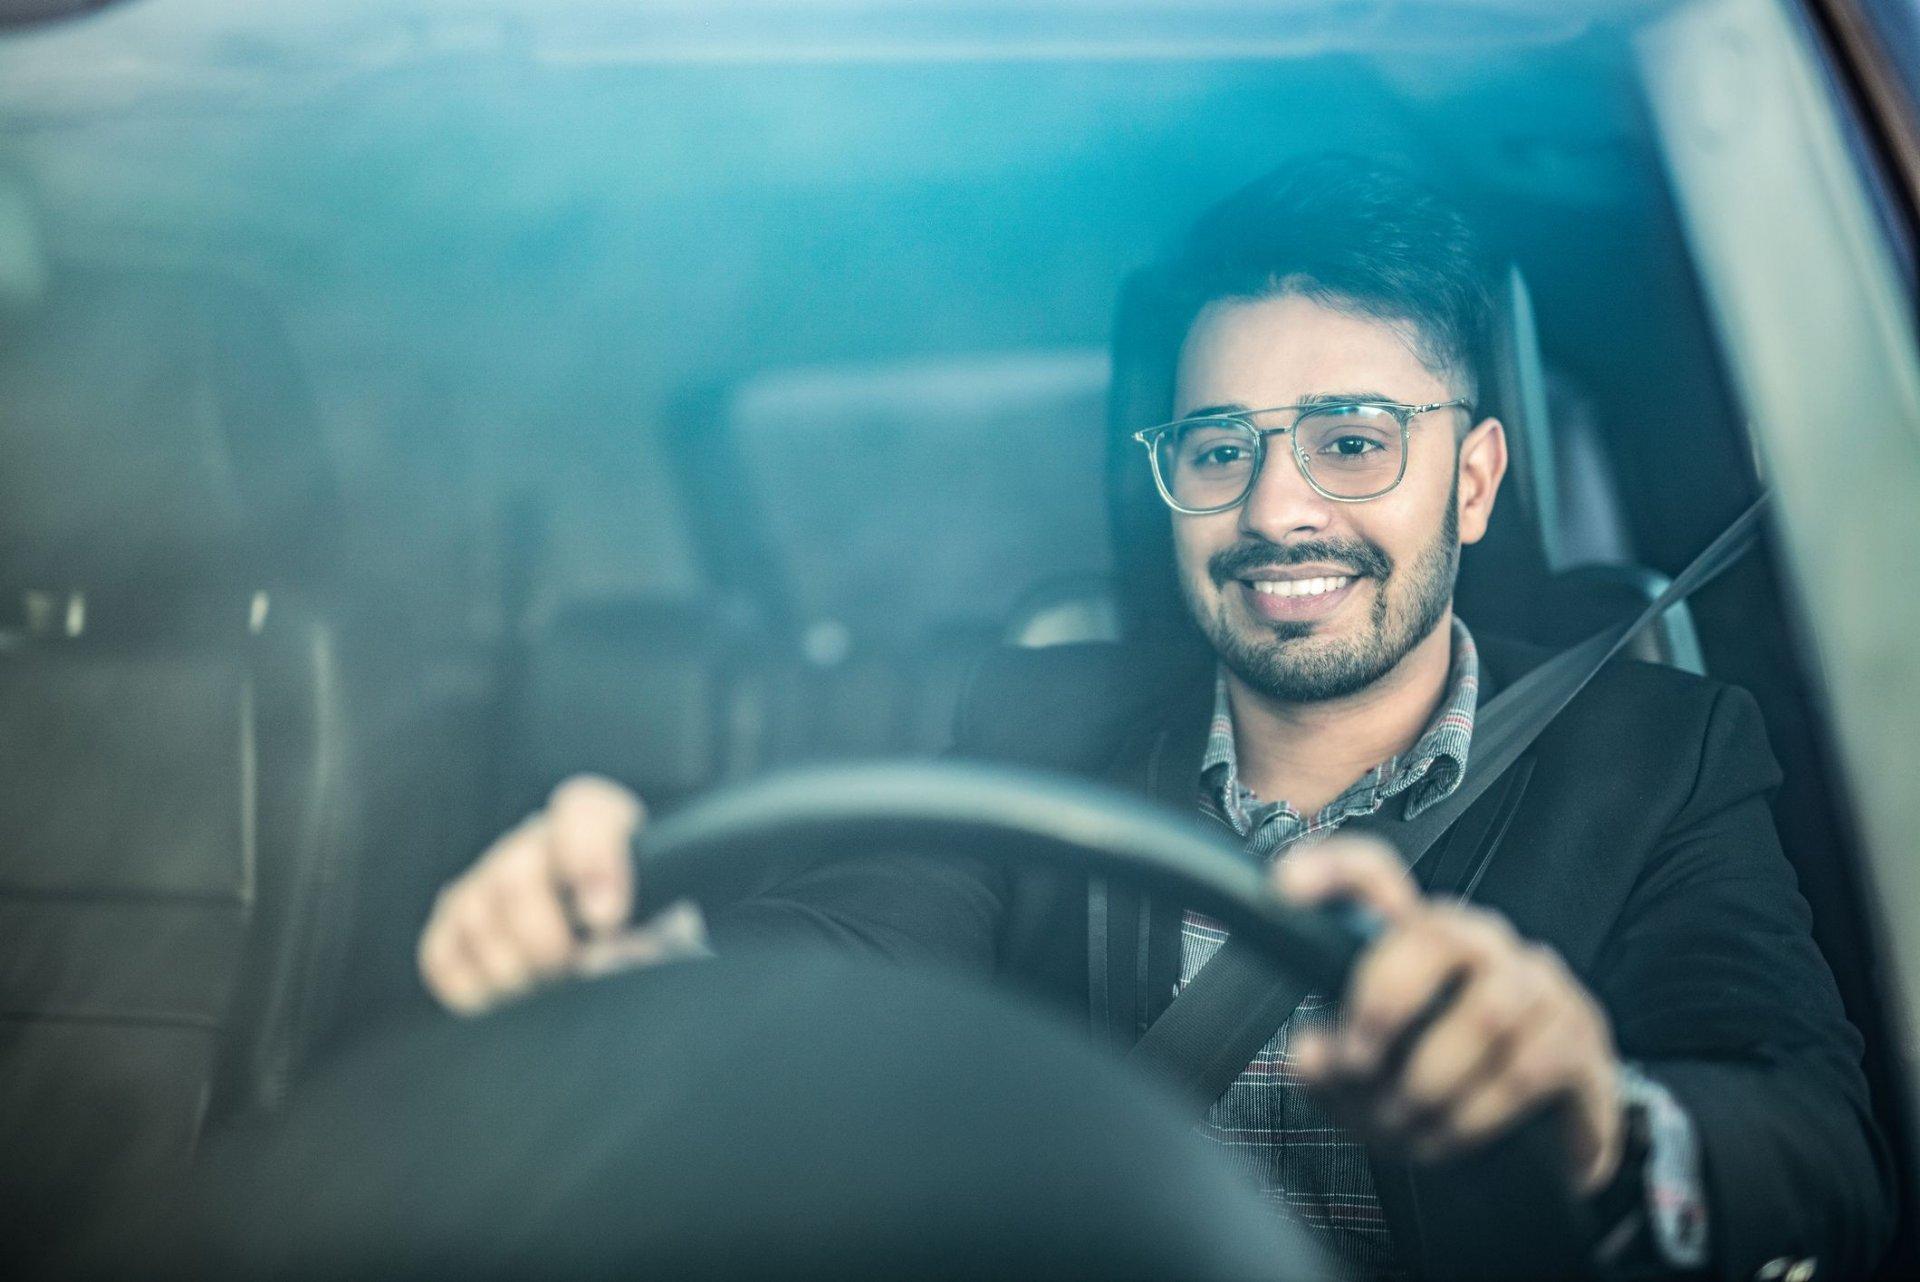 Та сайн жолооч мөн үү?